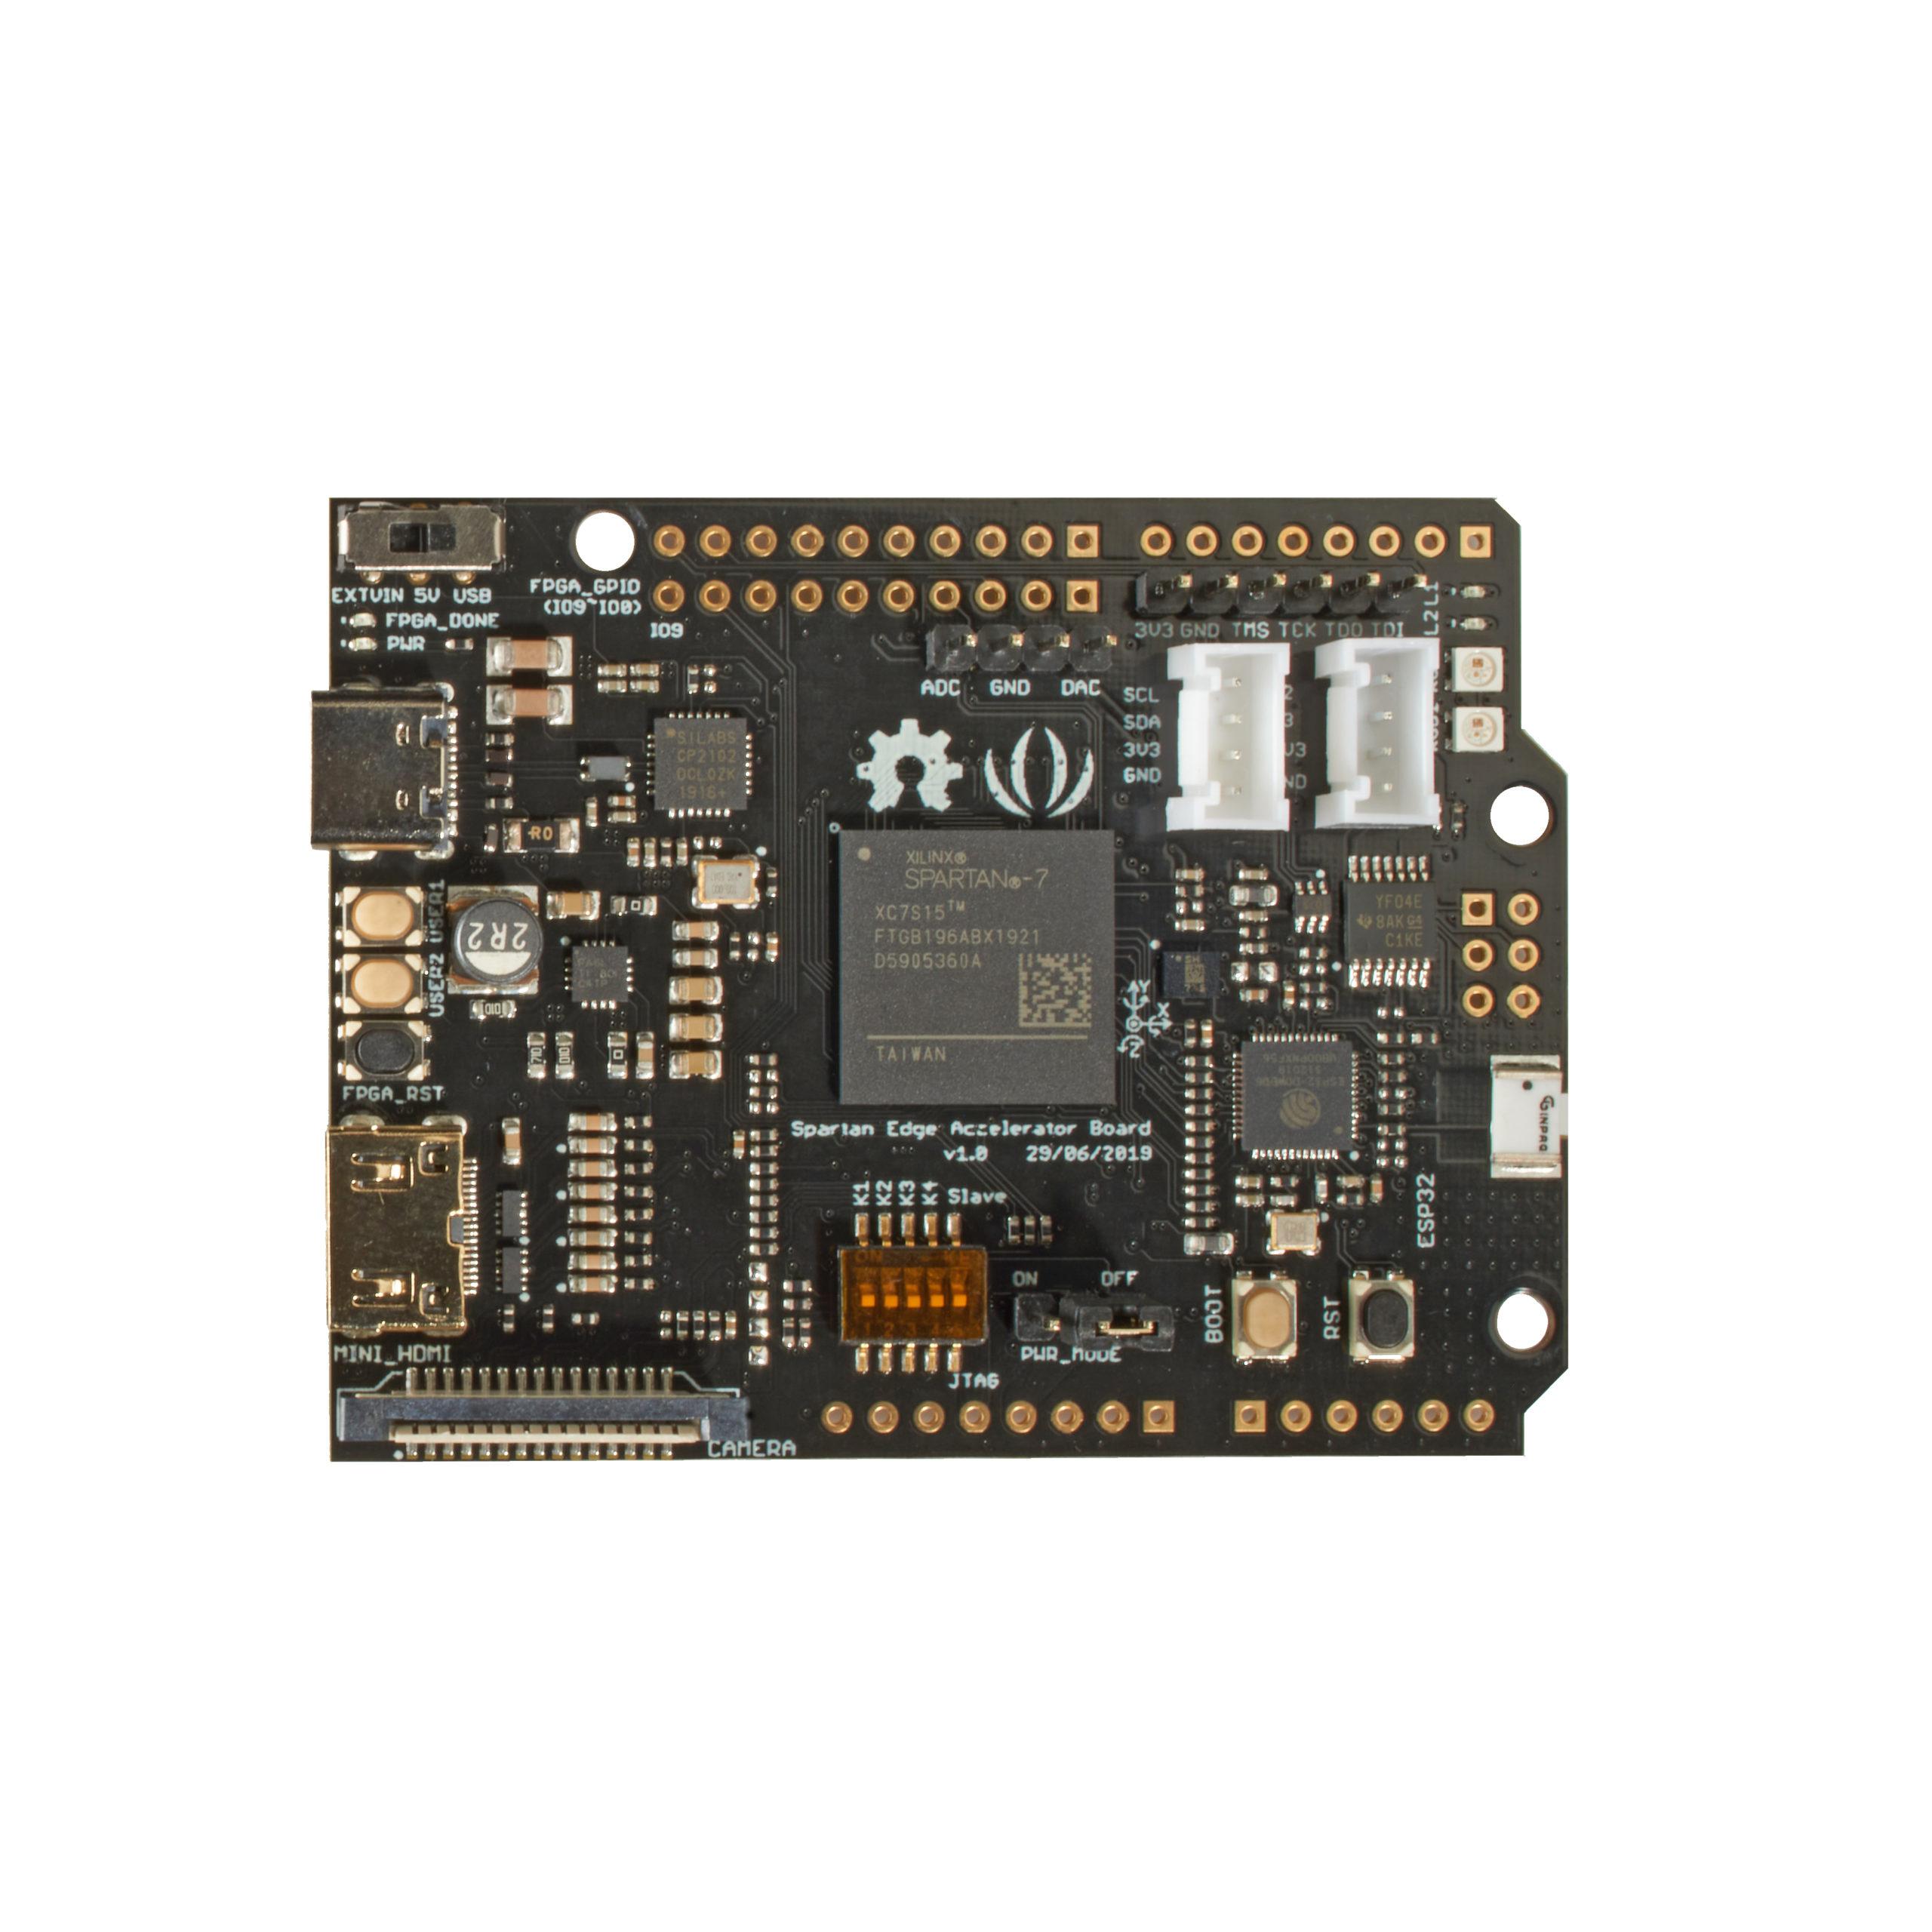 Seeed Studio Spartan Edge Accelerator FPGA Board